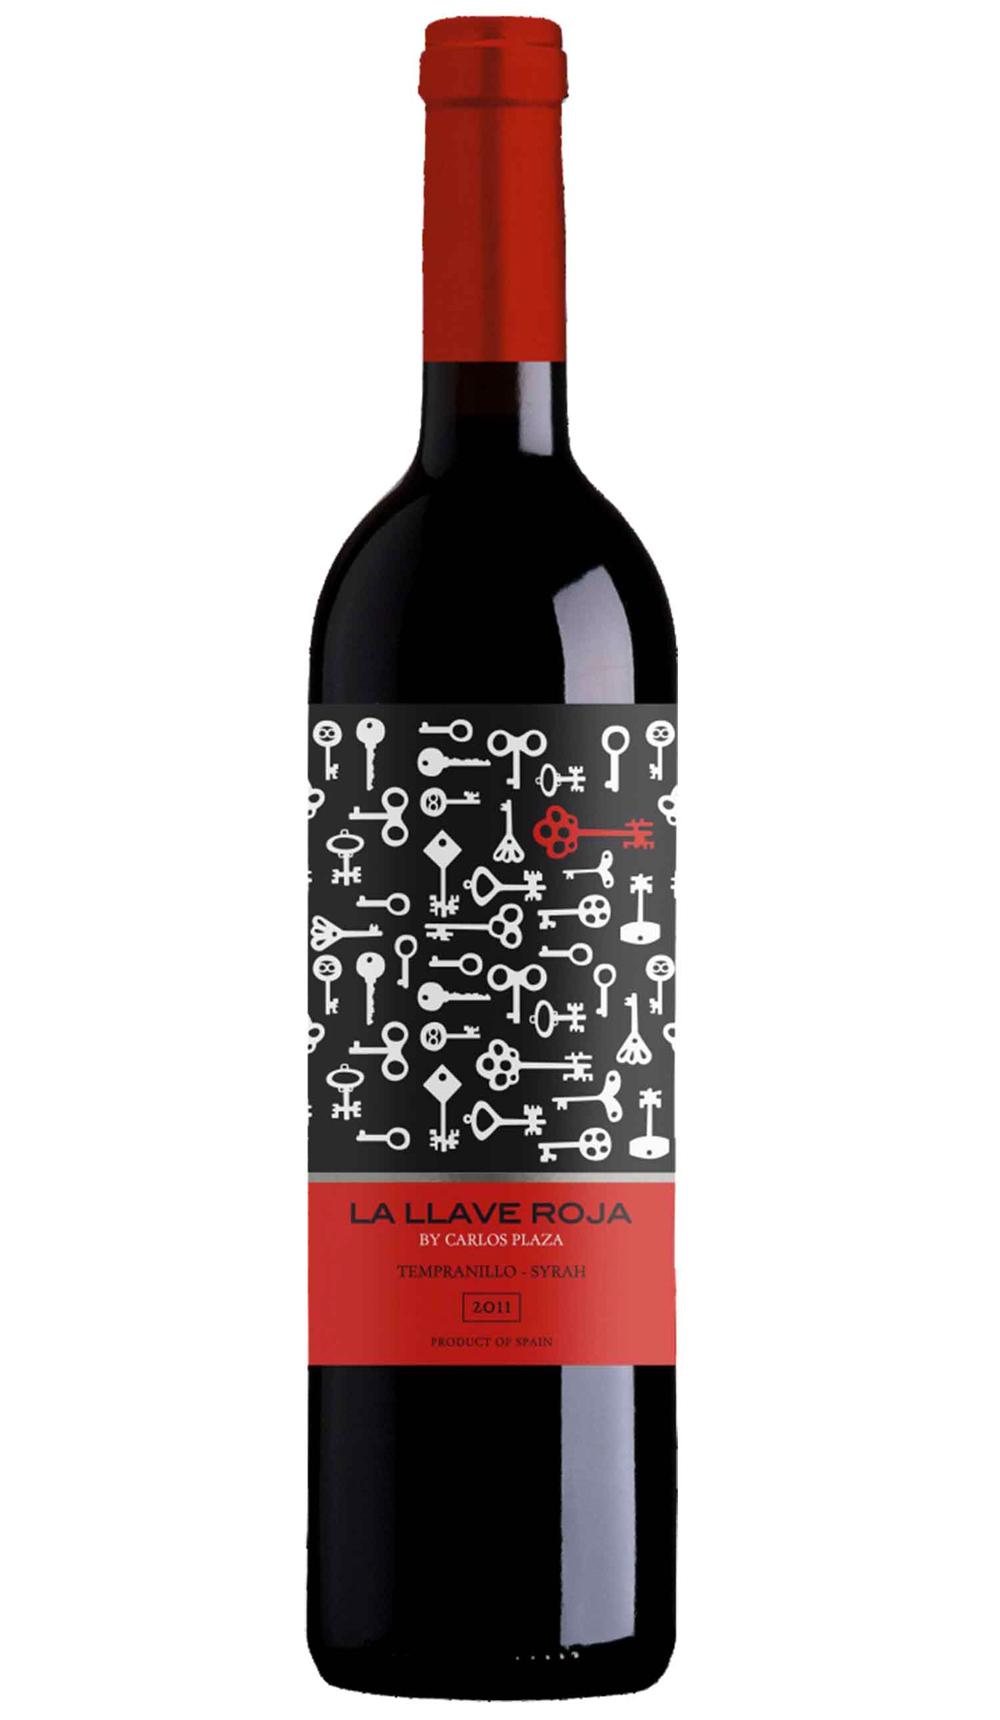 la llave roja, red wine, spain